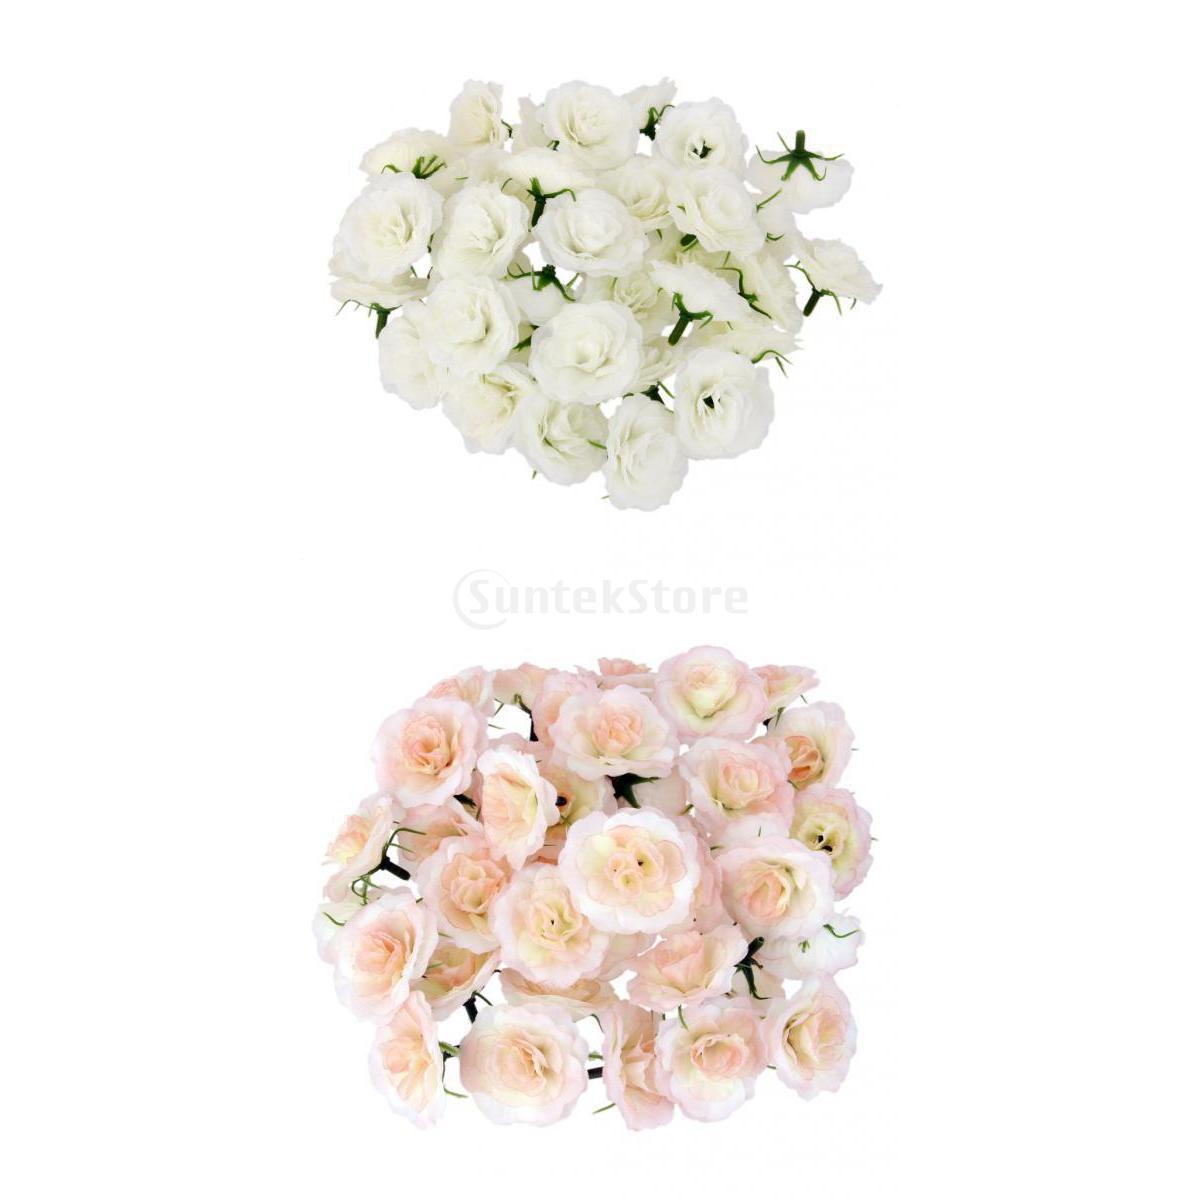 Home bulk roses peach roses - Artificial Roses Bulk